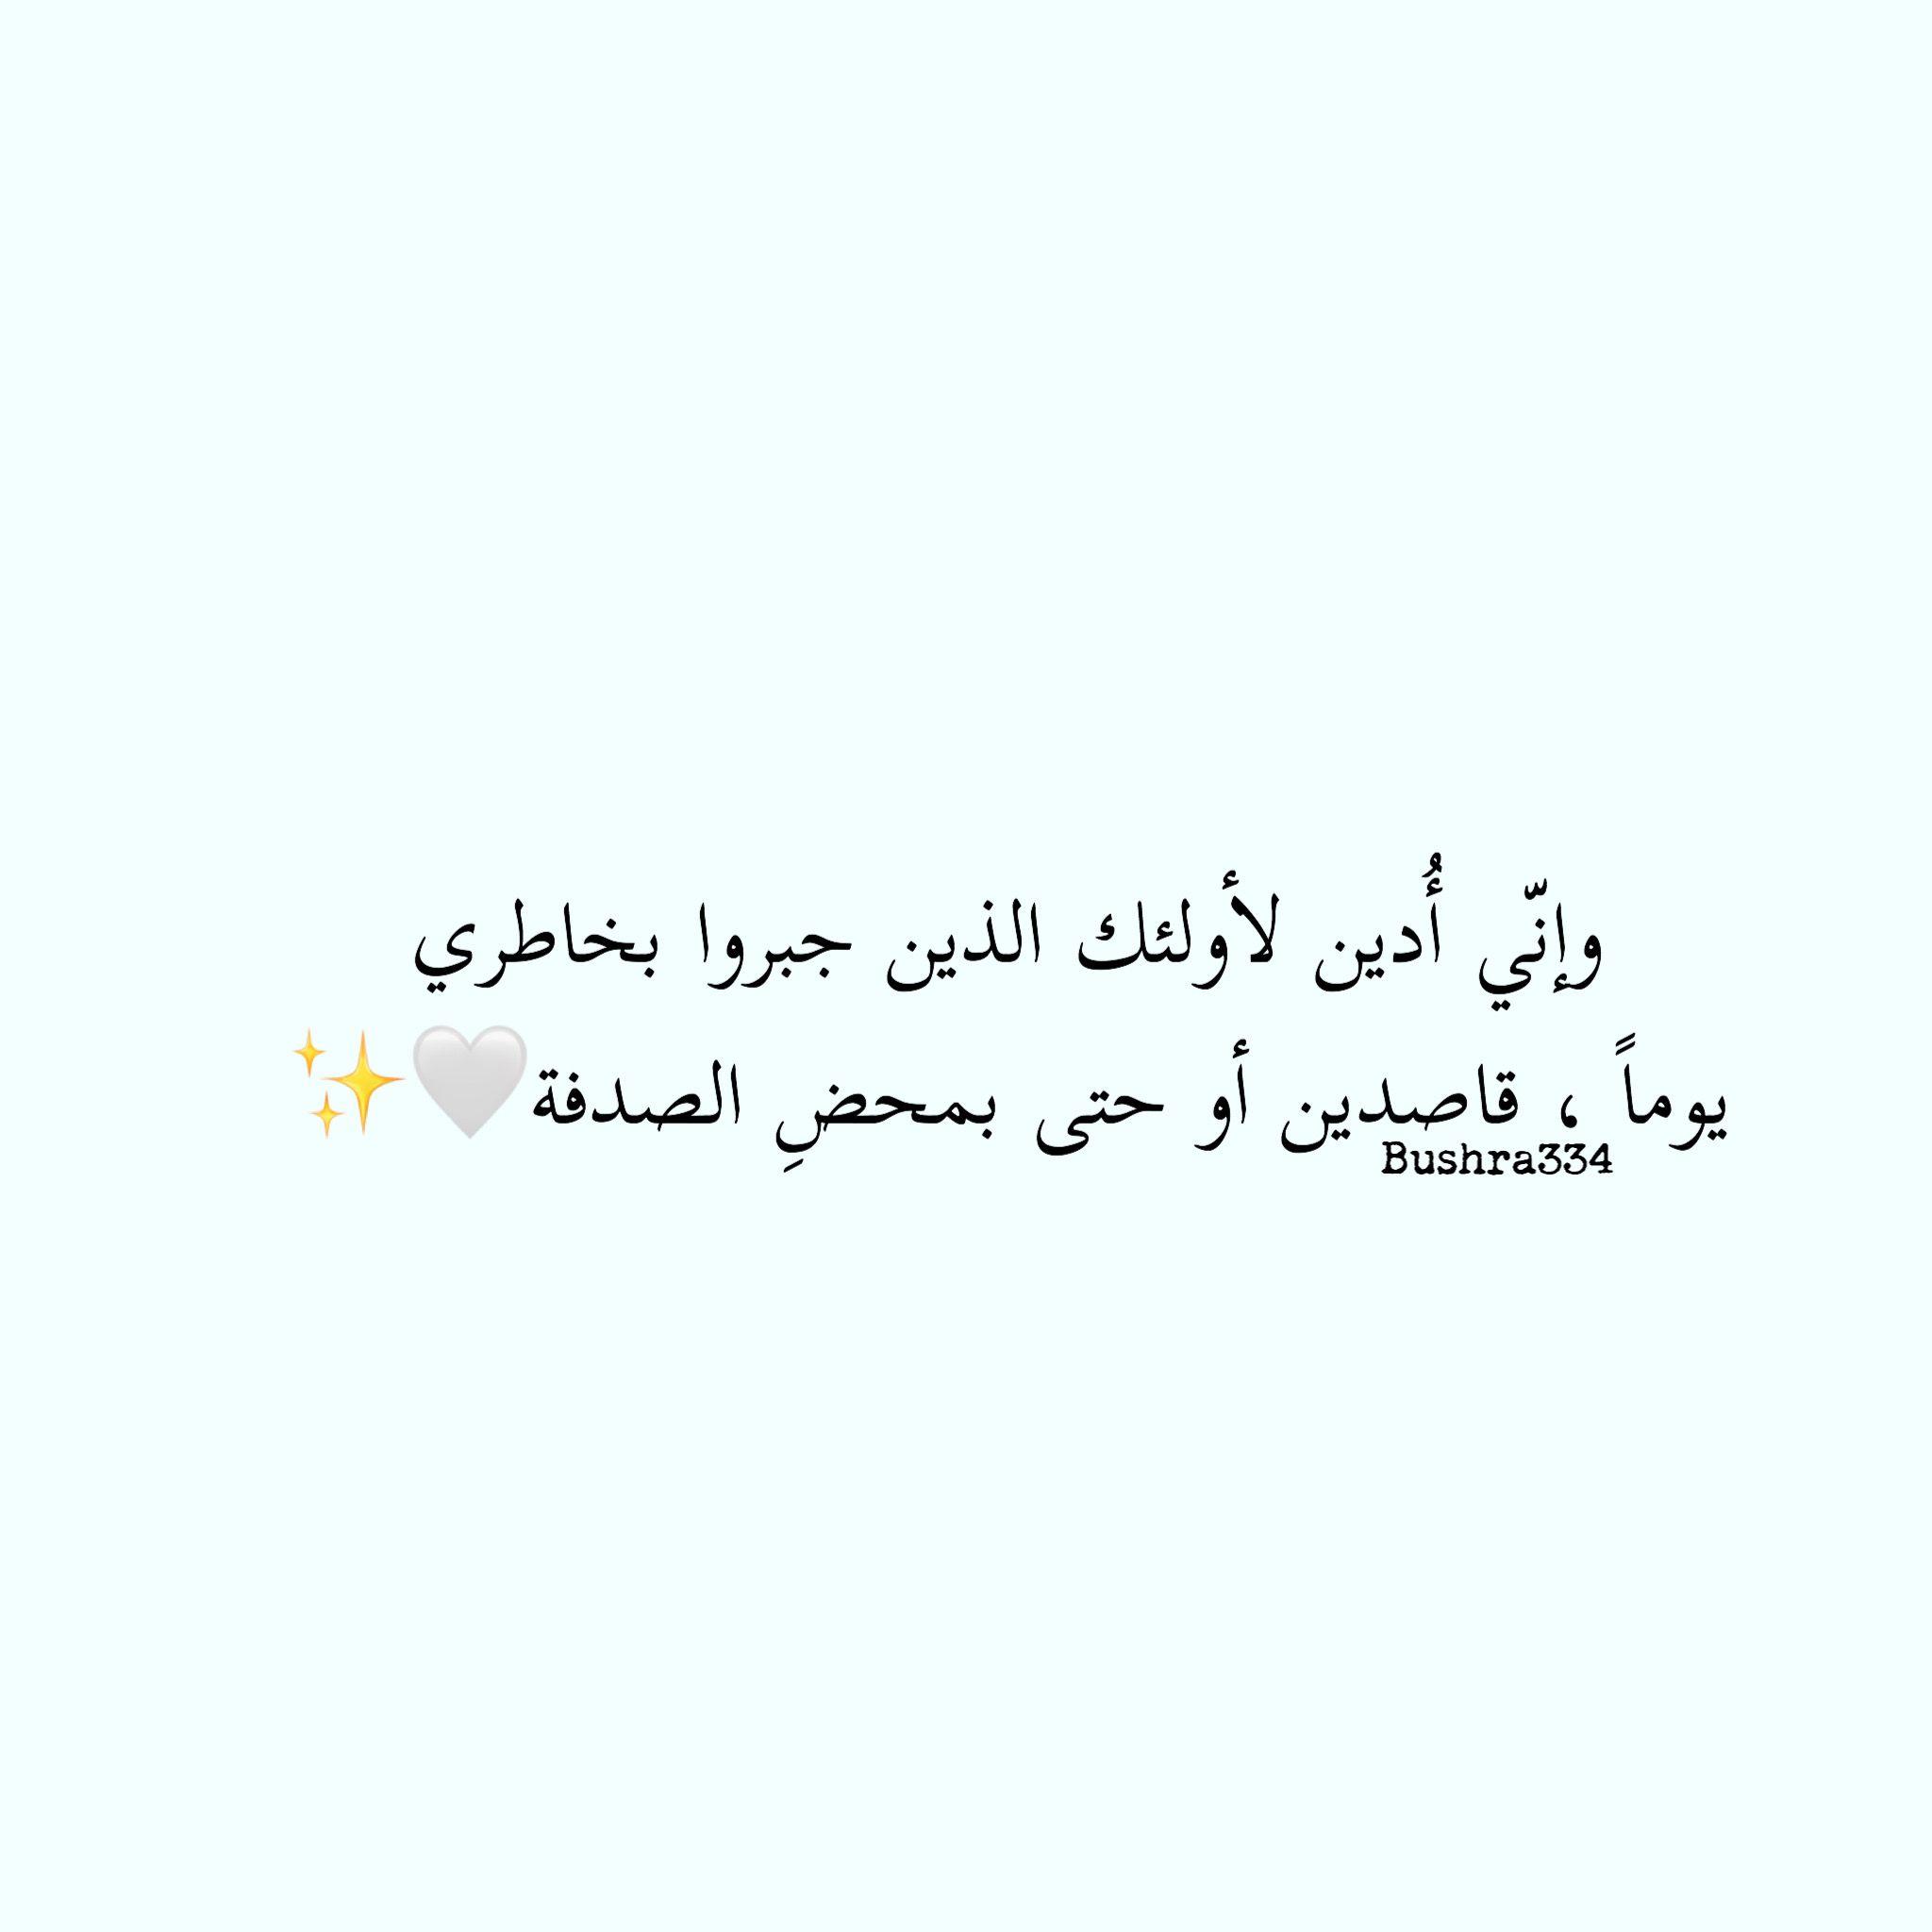 جبر خاطر اقتباس اقتباسات Funny Arabic Quotes Postive Quotes Arabic Quotes